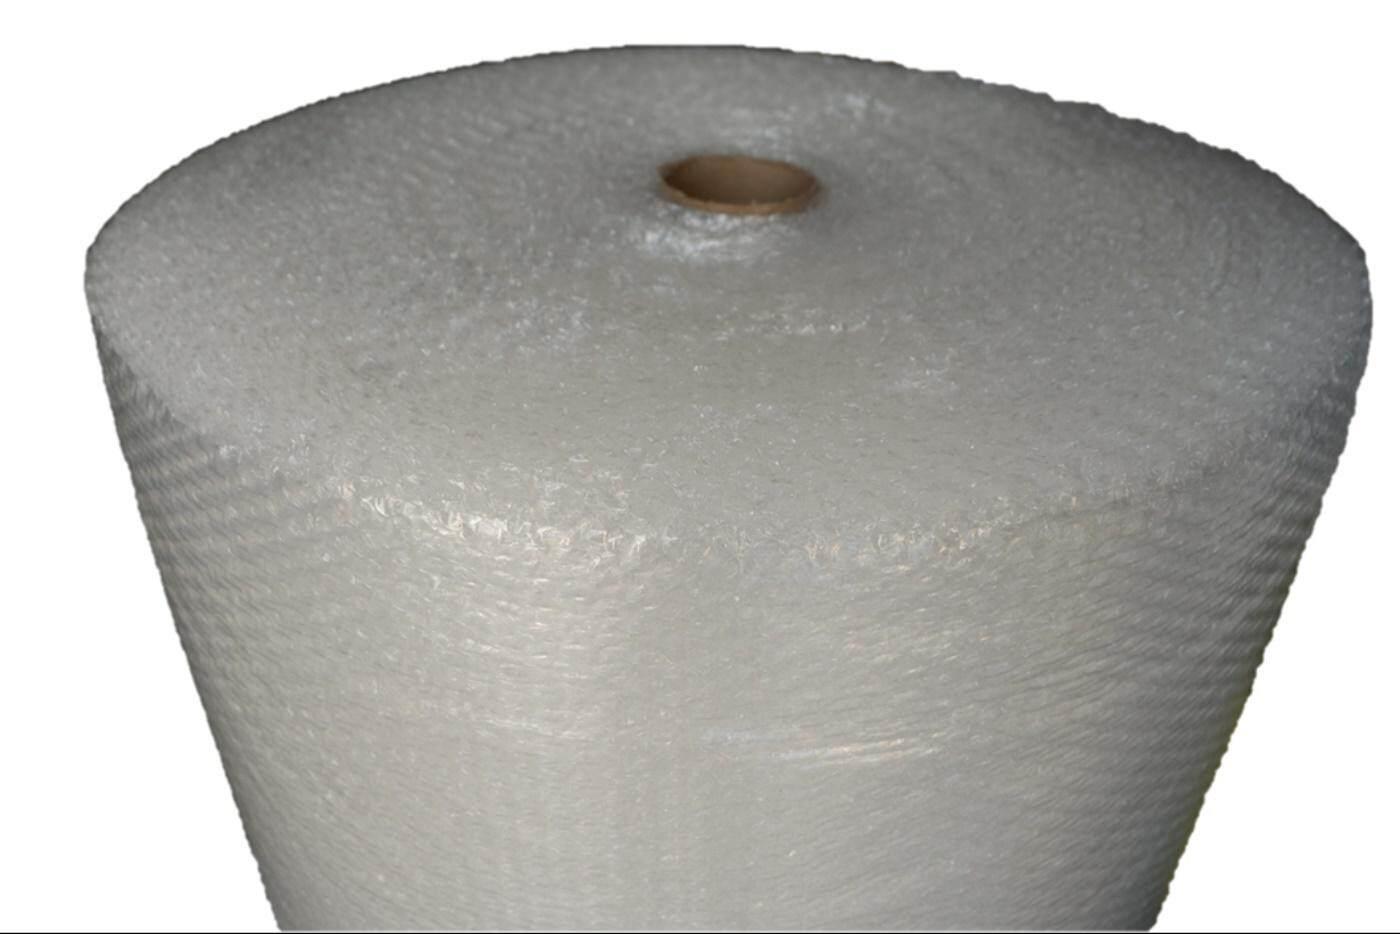 เก็บเงินปลายทางได้ แอร์บับเบิ้ล พลาสติกกันกระแทก กว้าง 65cm ยาว 100m. Air Bubble ส่งฟรีKerry